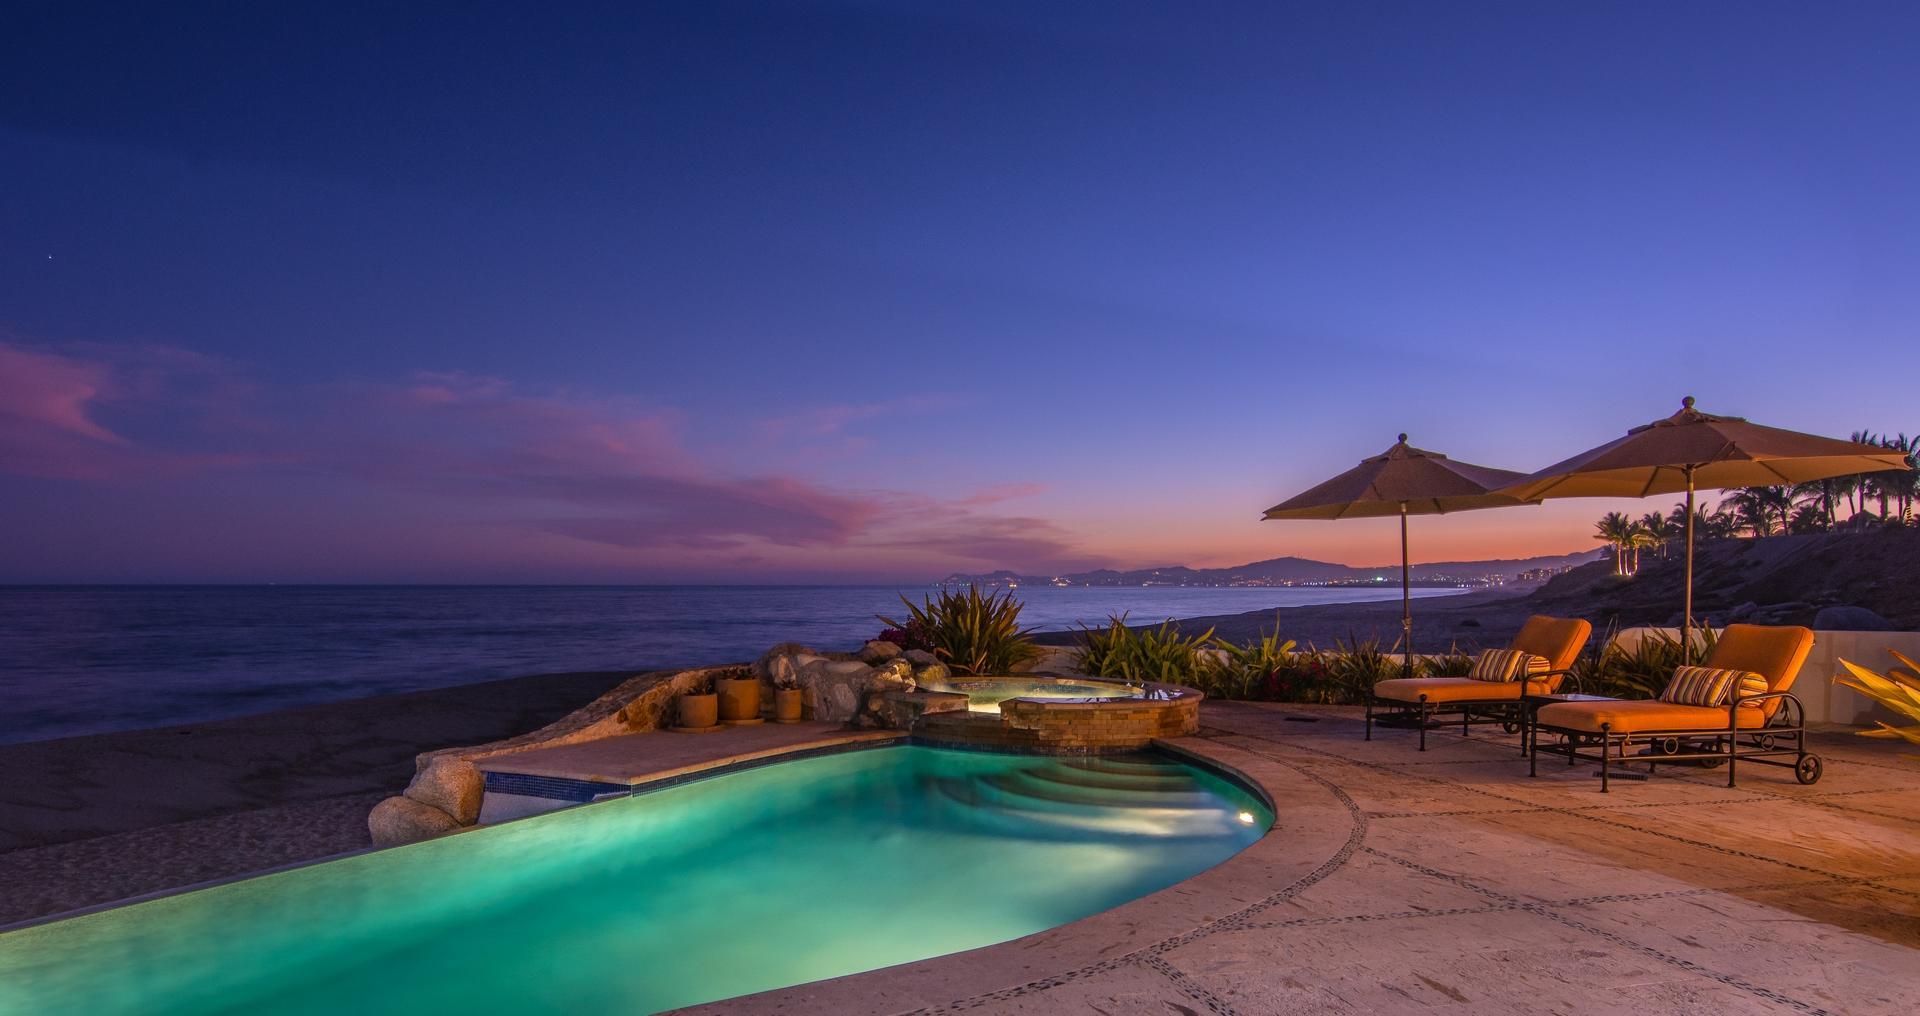 #1 Via las Playas, San Jose del Cabo